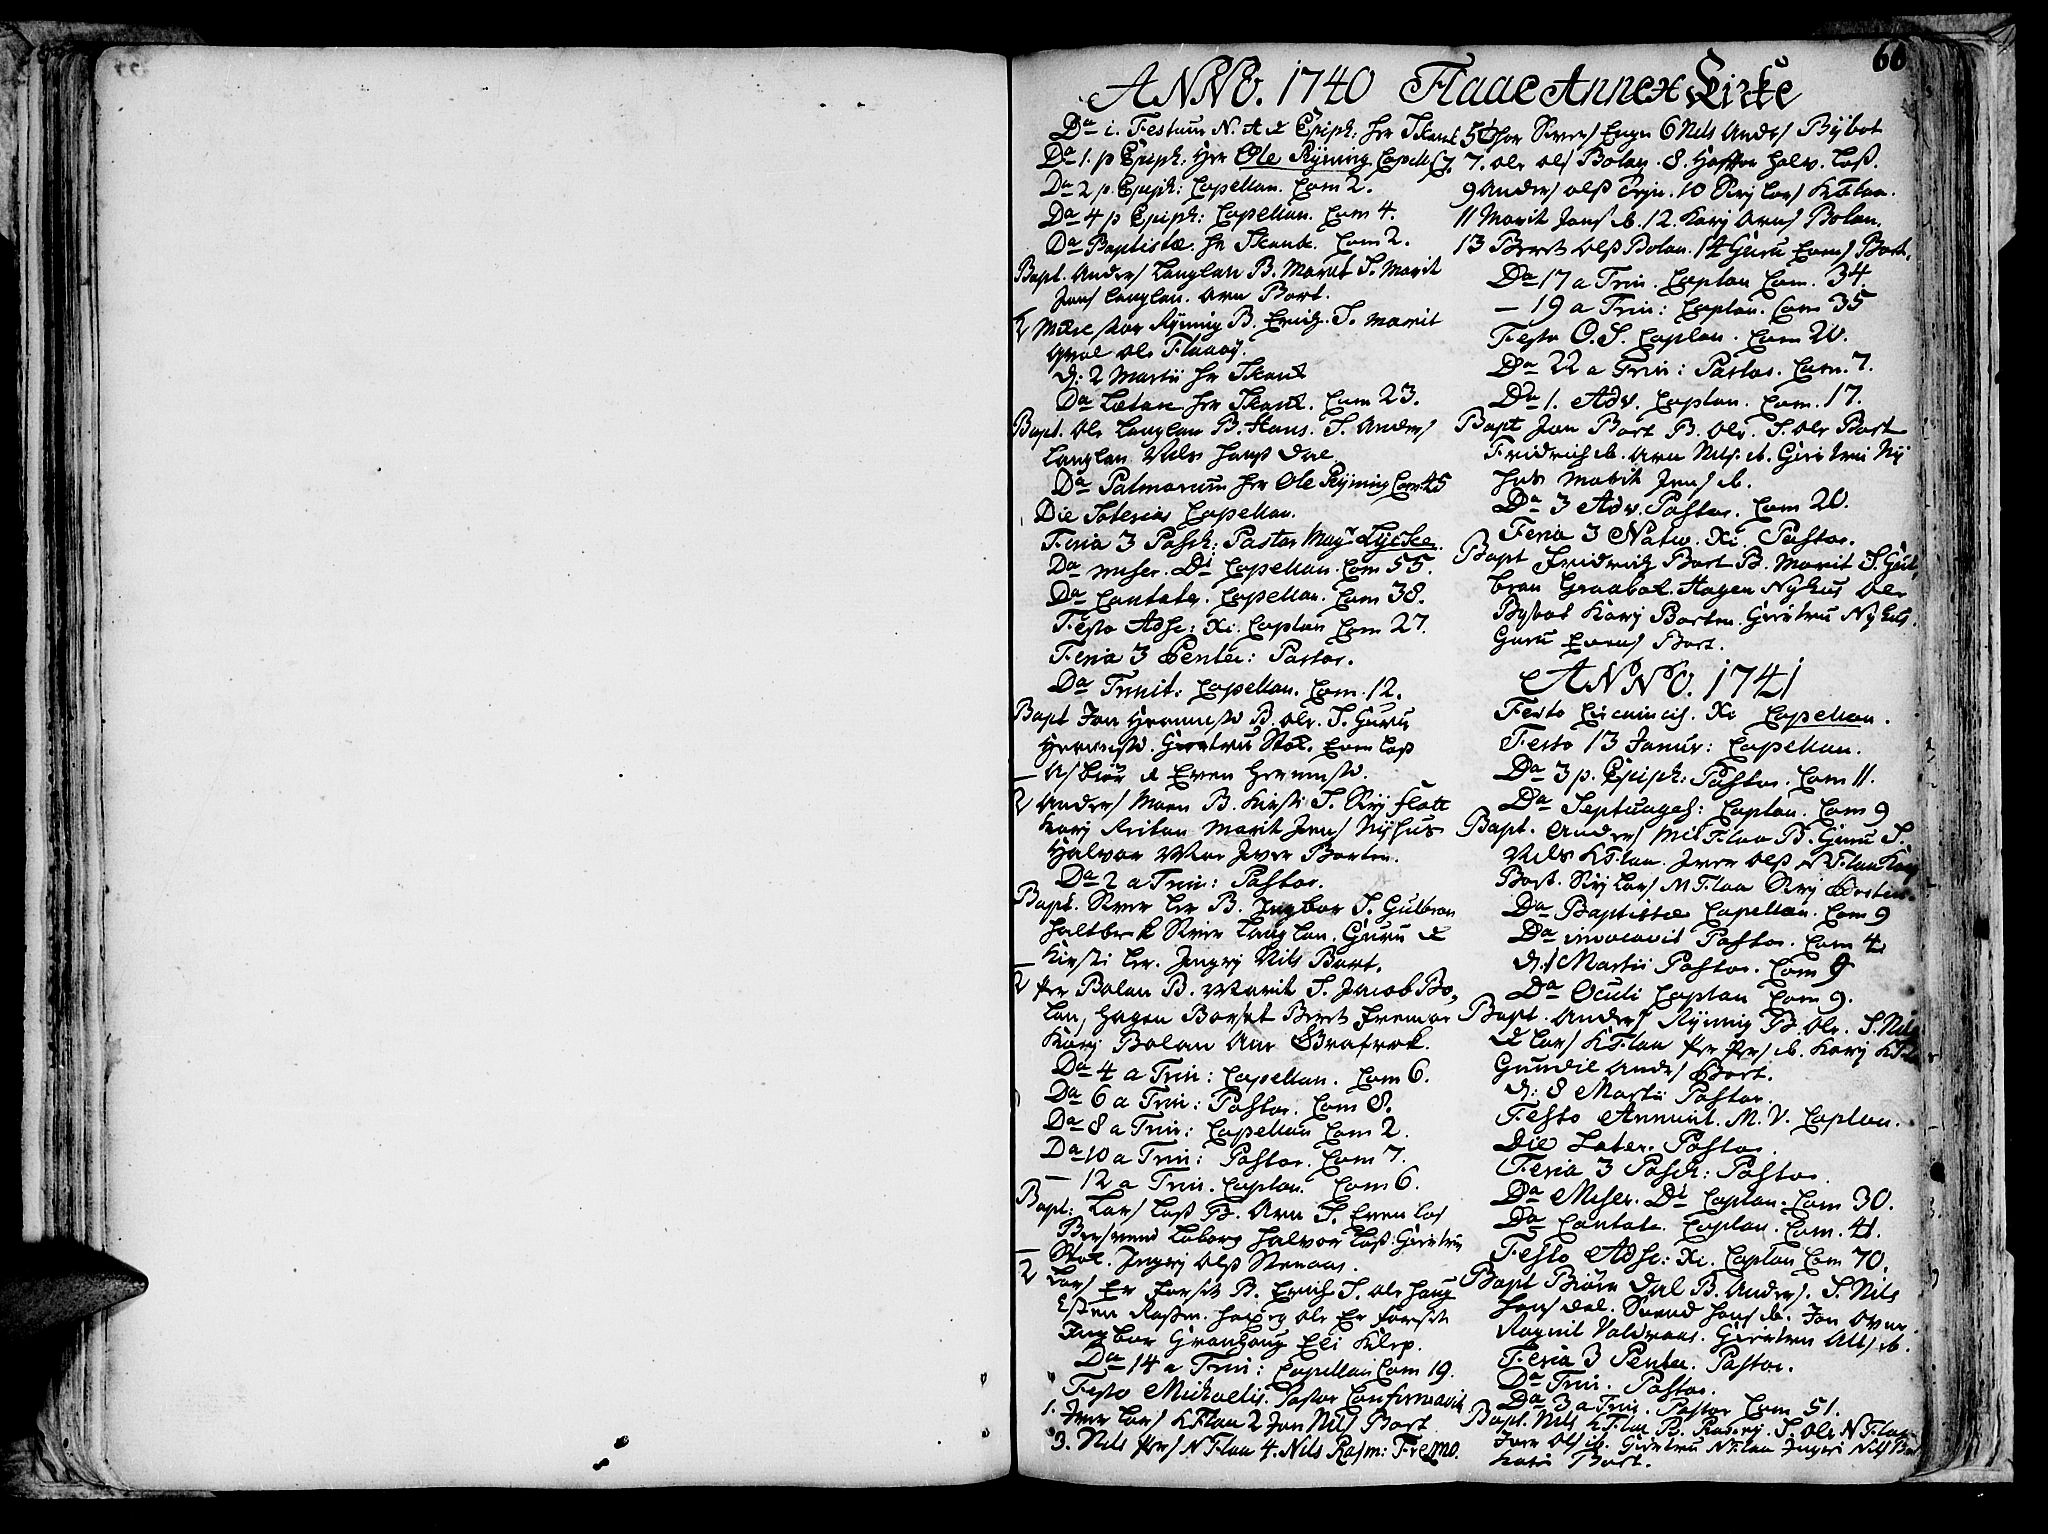 SAT, Ministerialprotokoller, klokkerbøker og fødselsregistre - Sør-Trøndelag, 691/L1058: Ministerialbok nr. 691A01 /2, 1740-1767, s. 66